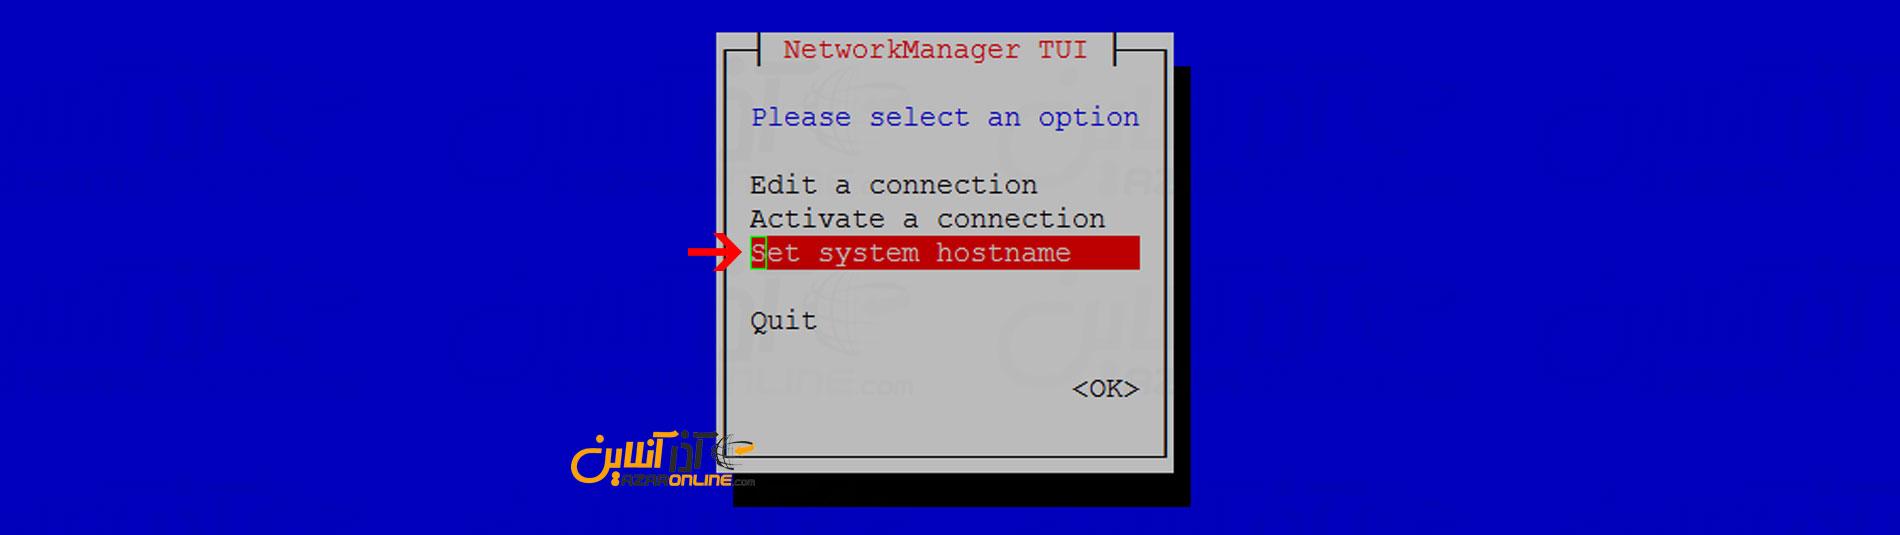 آموزش تغییر هاست نیم CentOS 7 انتخاب set system hostname